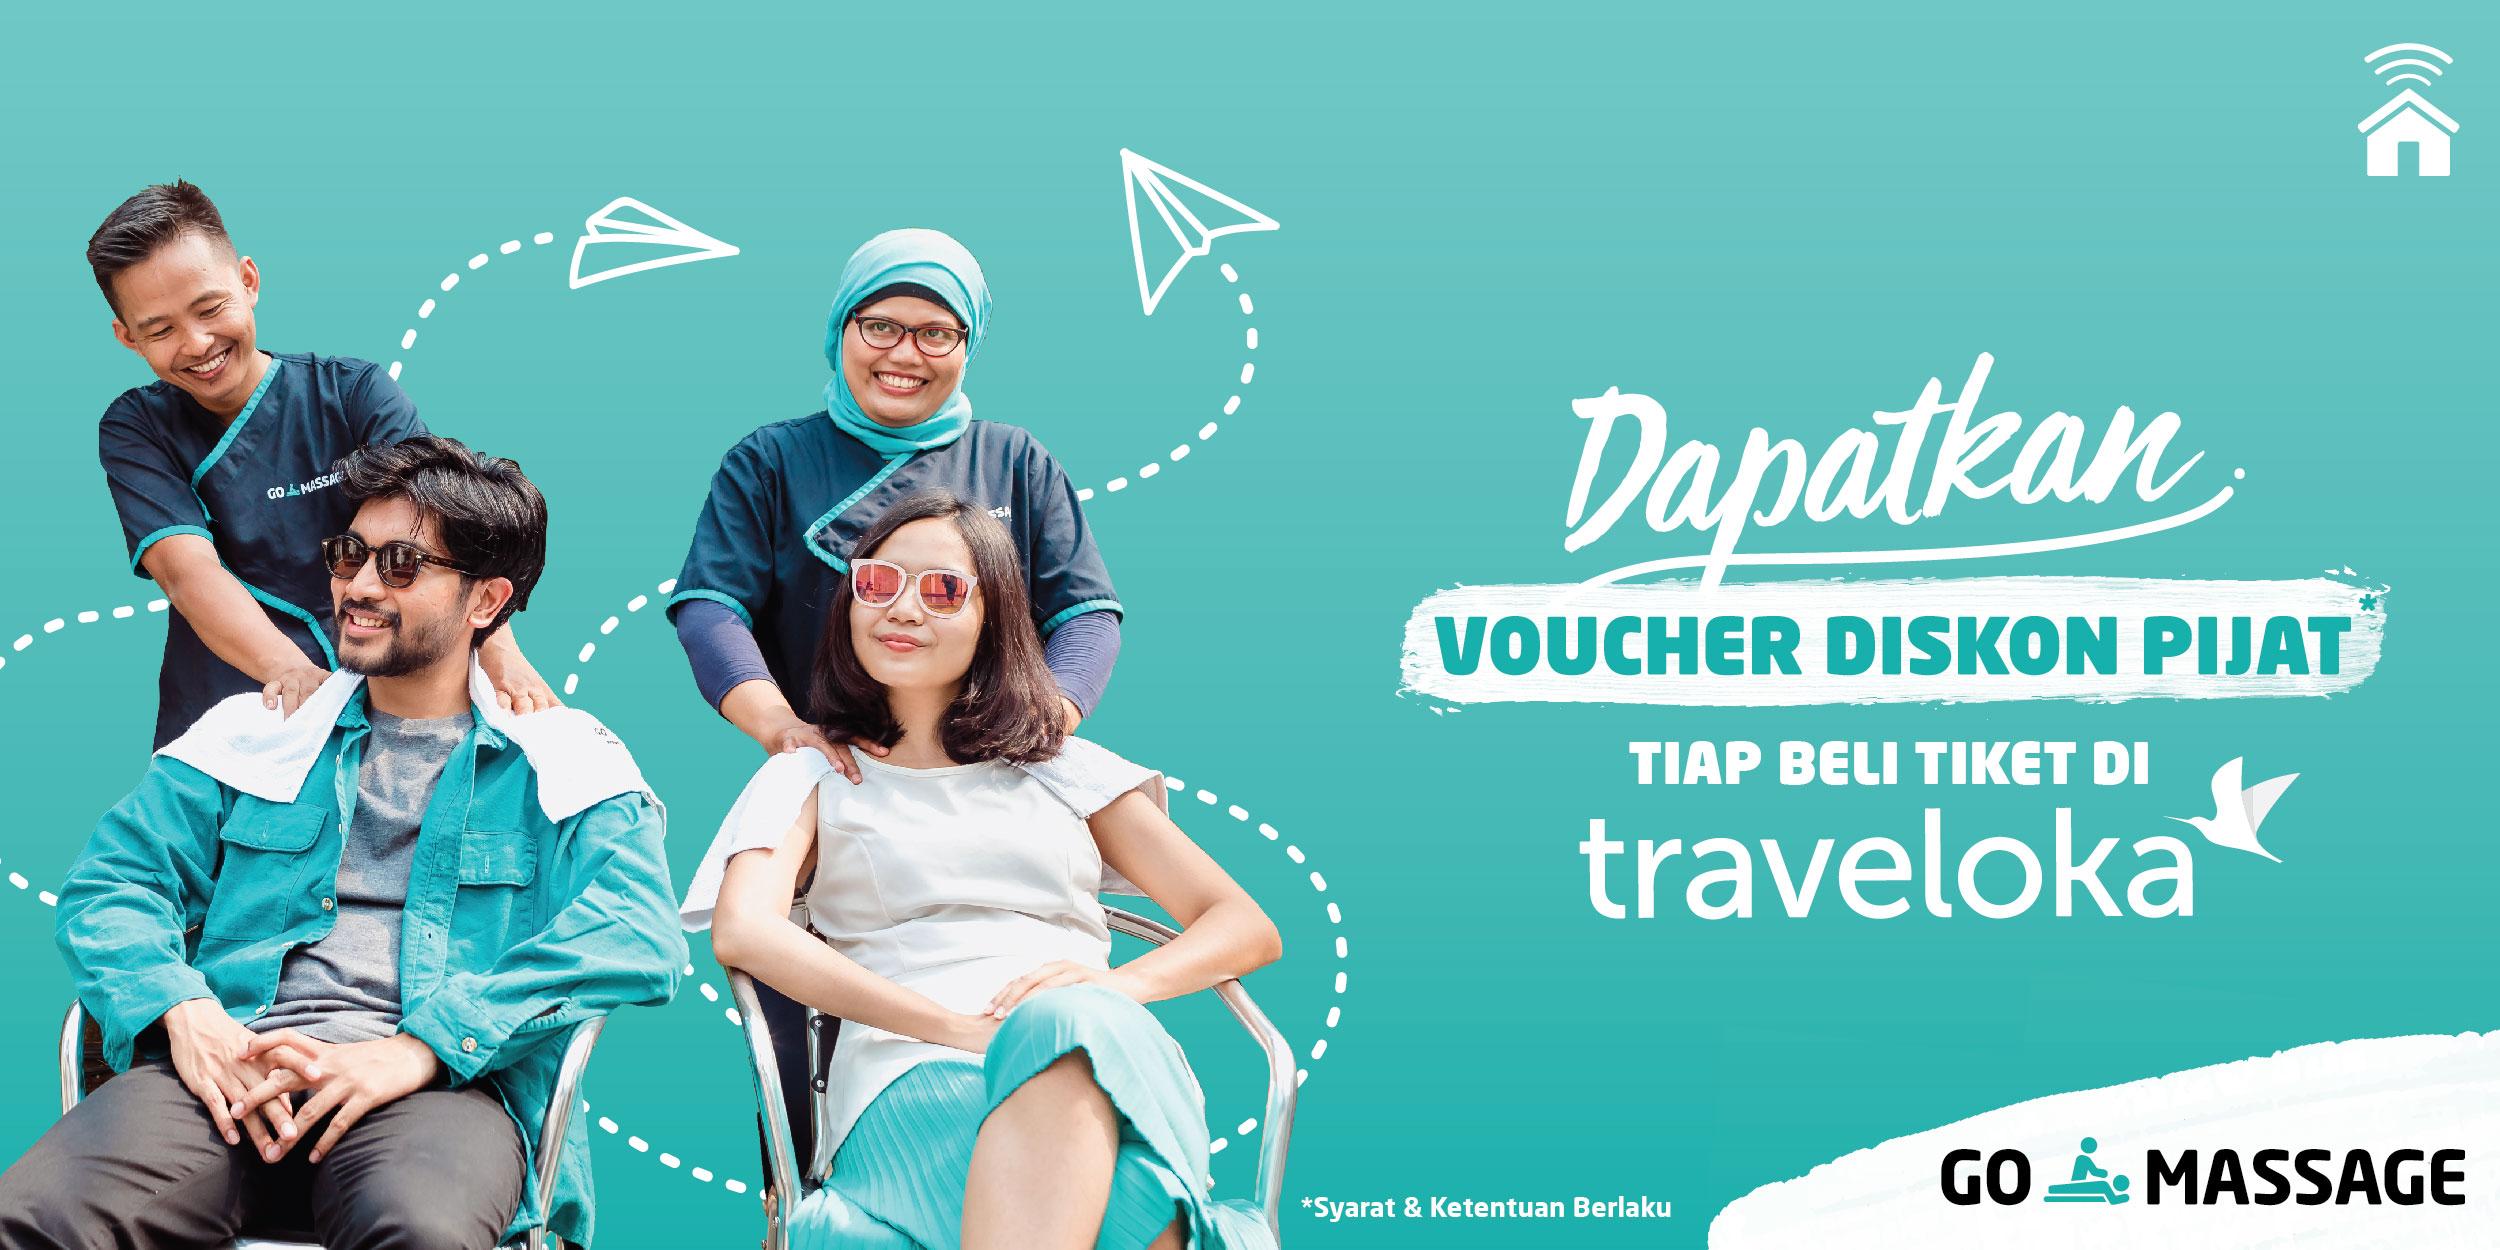 Dapatkan Voucher GO-MASSAGE Saat Beli Tiket Liburan!